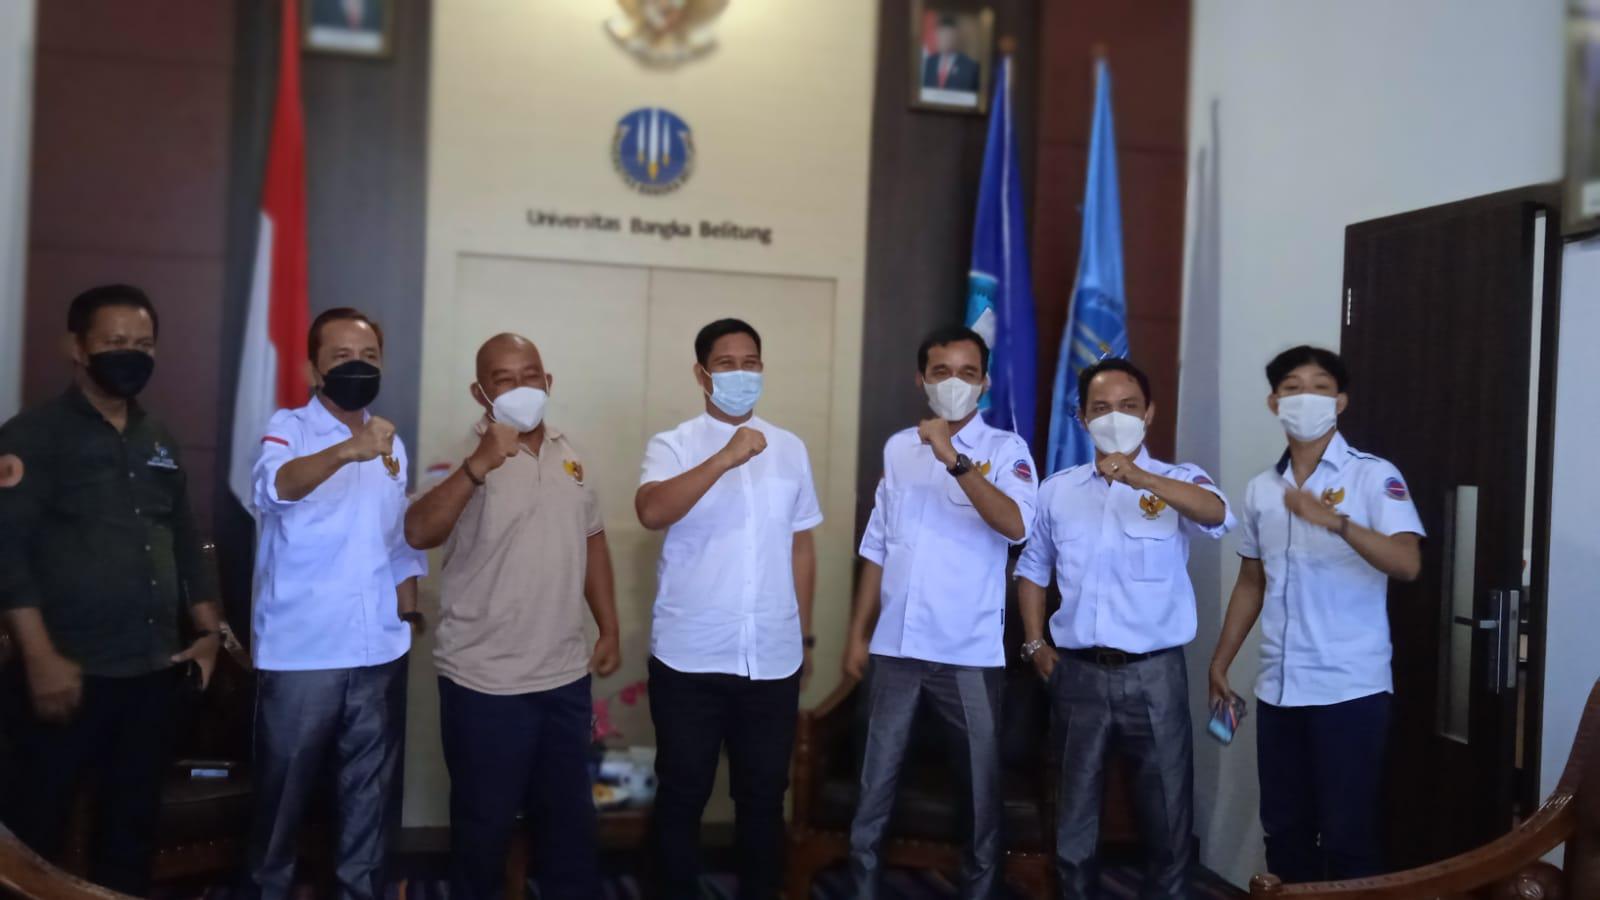 KBO Babel Bertandang Ke Kampus UBB, Ini Yang Diungkapkan Oleh Rektor Termuda Di Indonesia